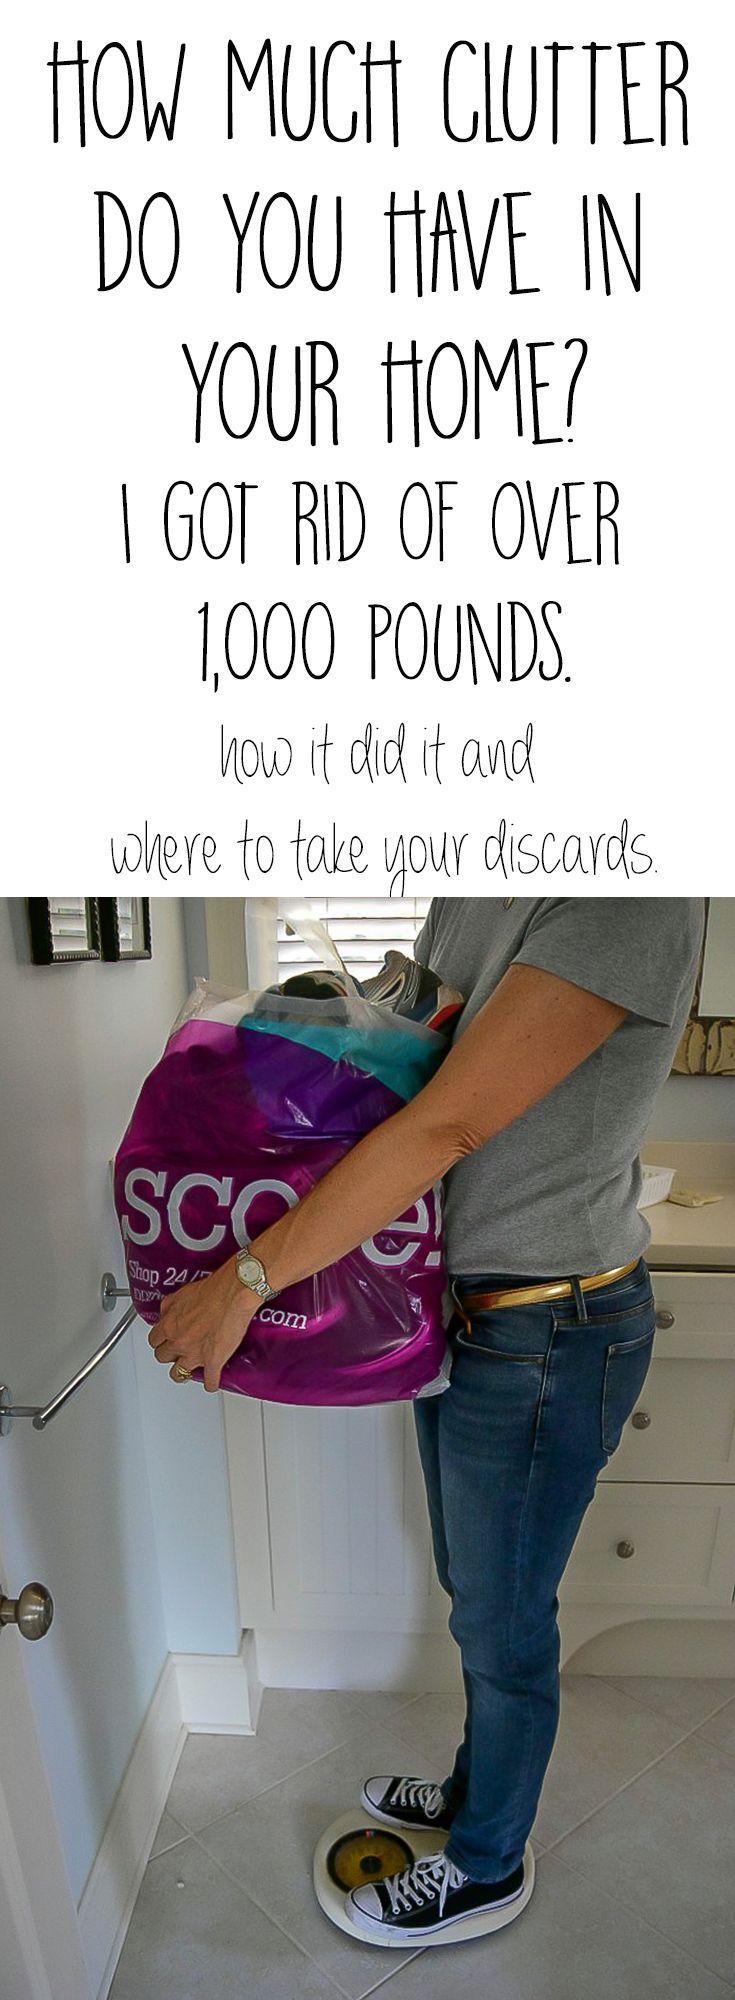 #decluttering #bathrooms #unclutter #discards #bedrooms